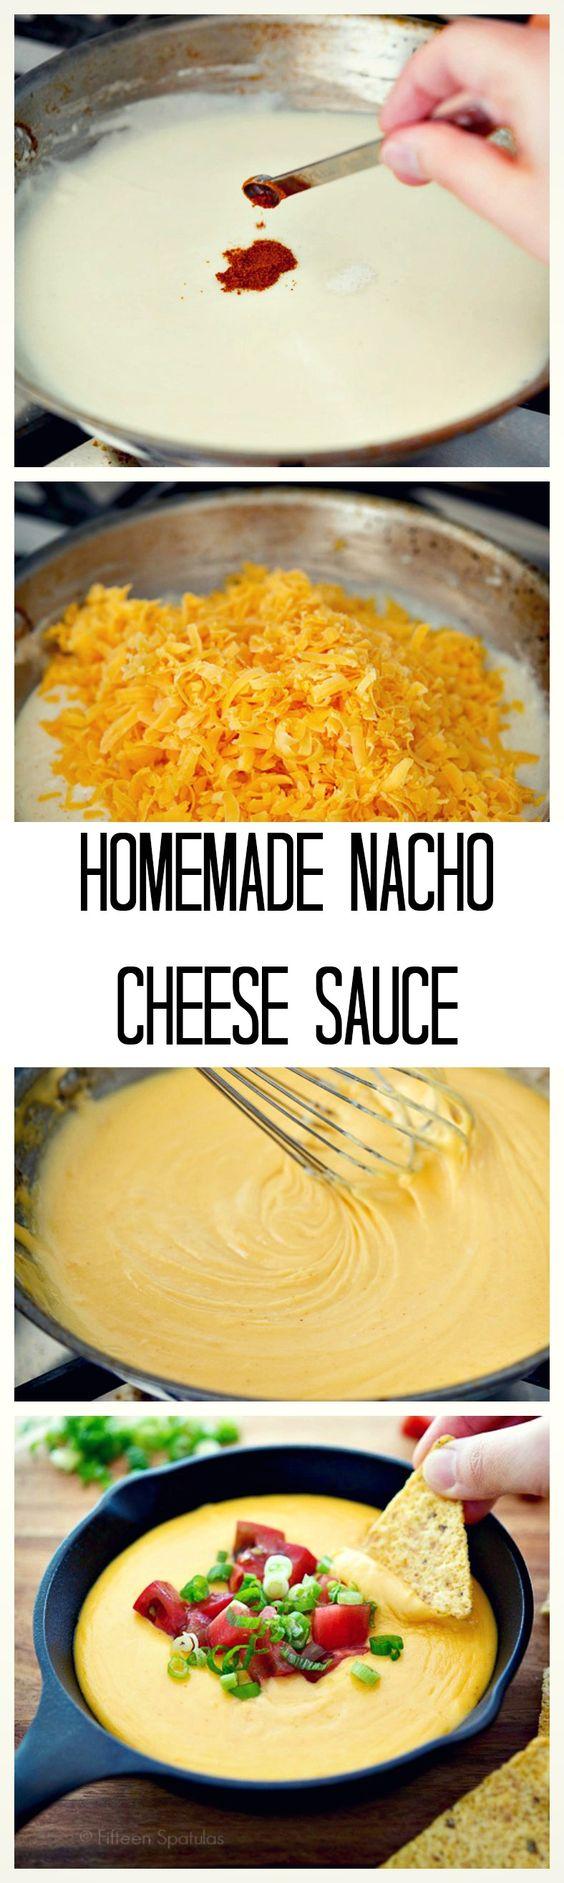 nachos nacho cheese sauce homemade nacho cheese sauce nachos cheese ...